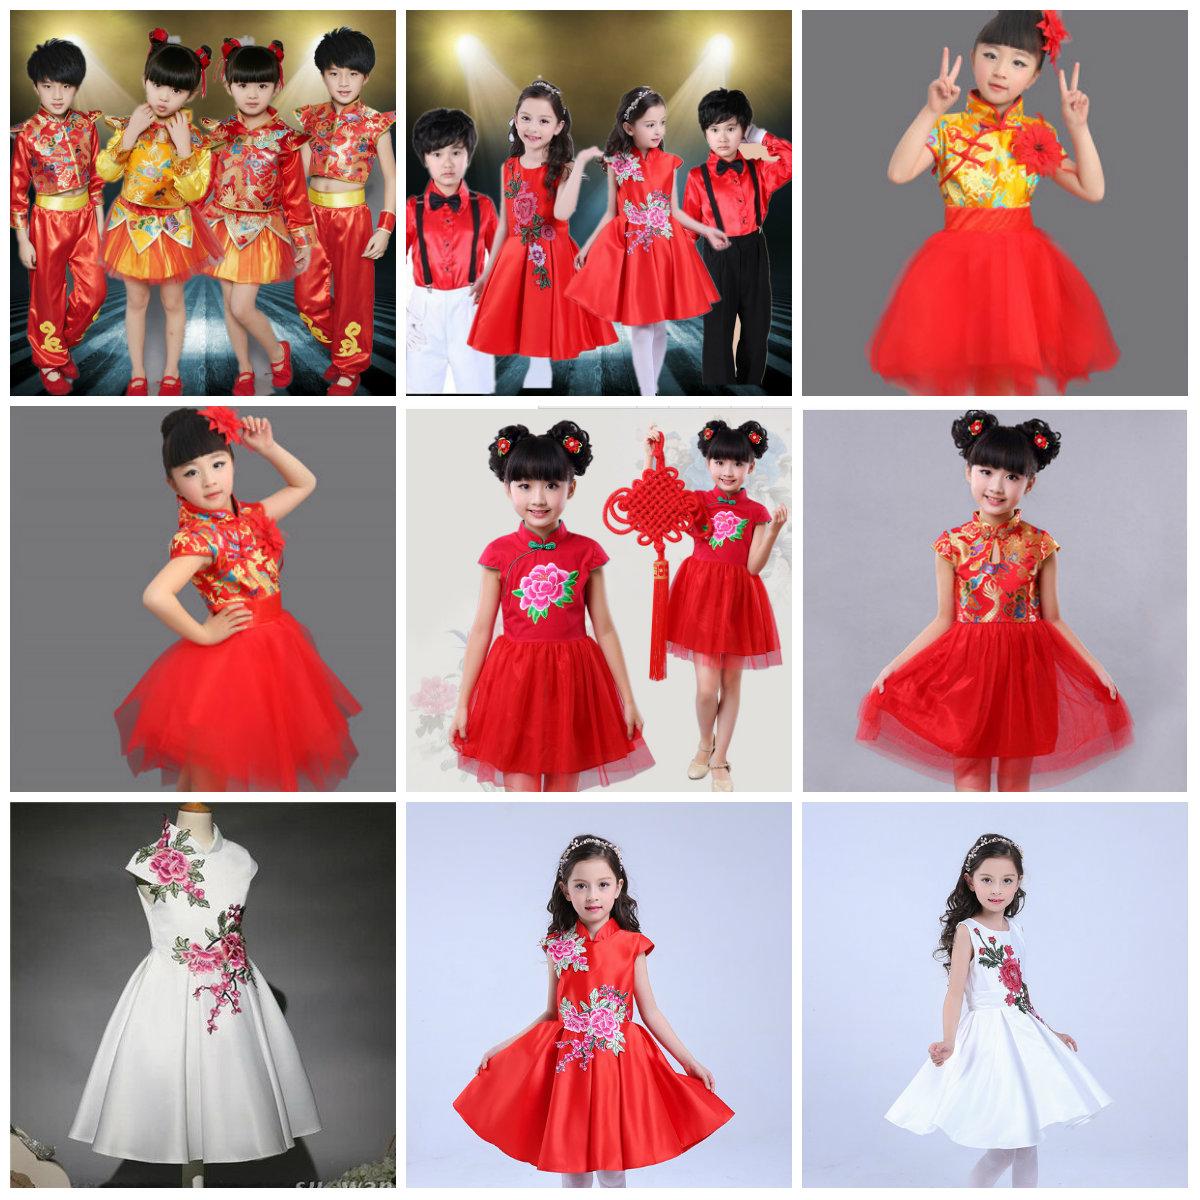 儿童旗袍女童夏装 小孩唐装礼服公主旗袍裙 古筝琵琶演出表演服装